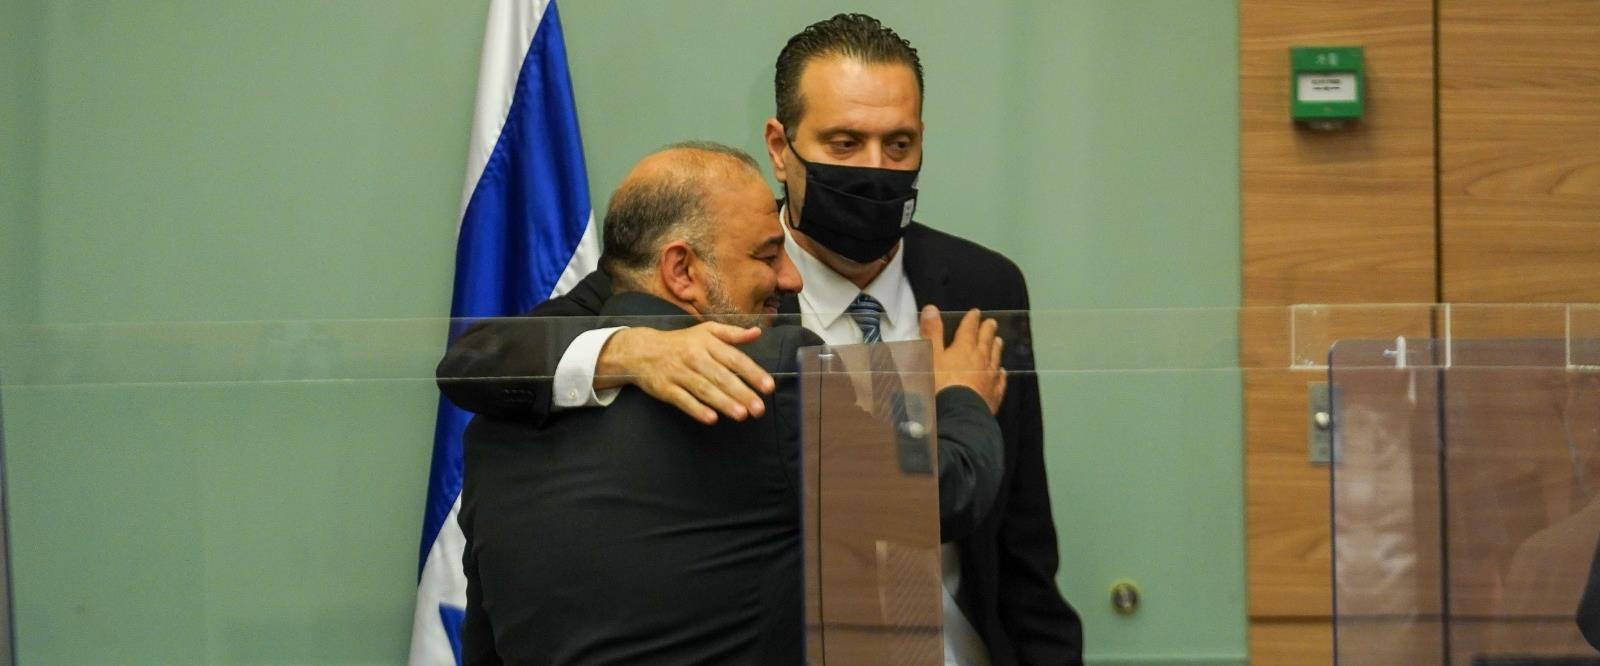 """עבאס מתחבק עם זוהר אחרי בחירתו ליו""""ר הוועדה"""